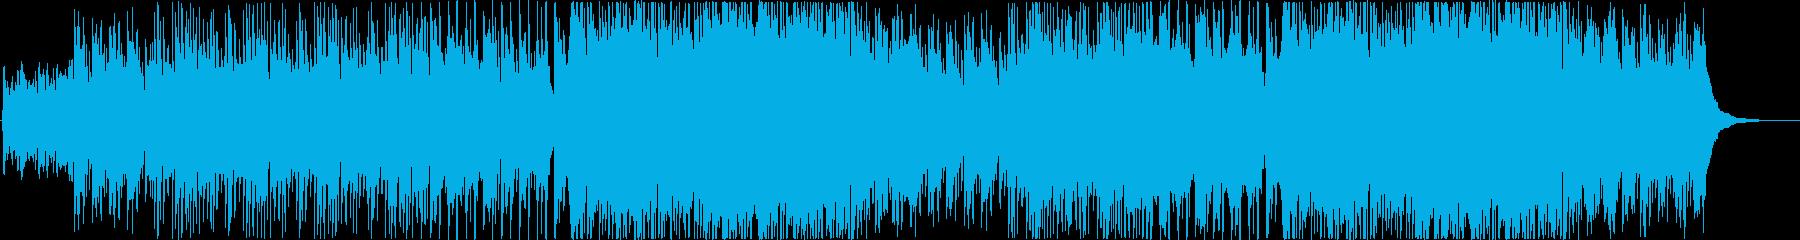 ピアノが煌びやかなジャズワルツの再生済みの波形